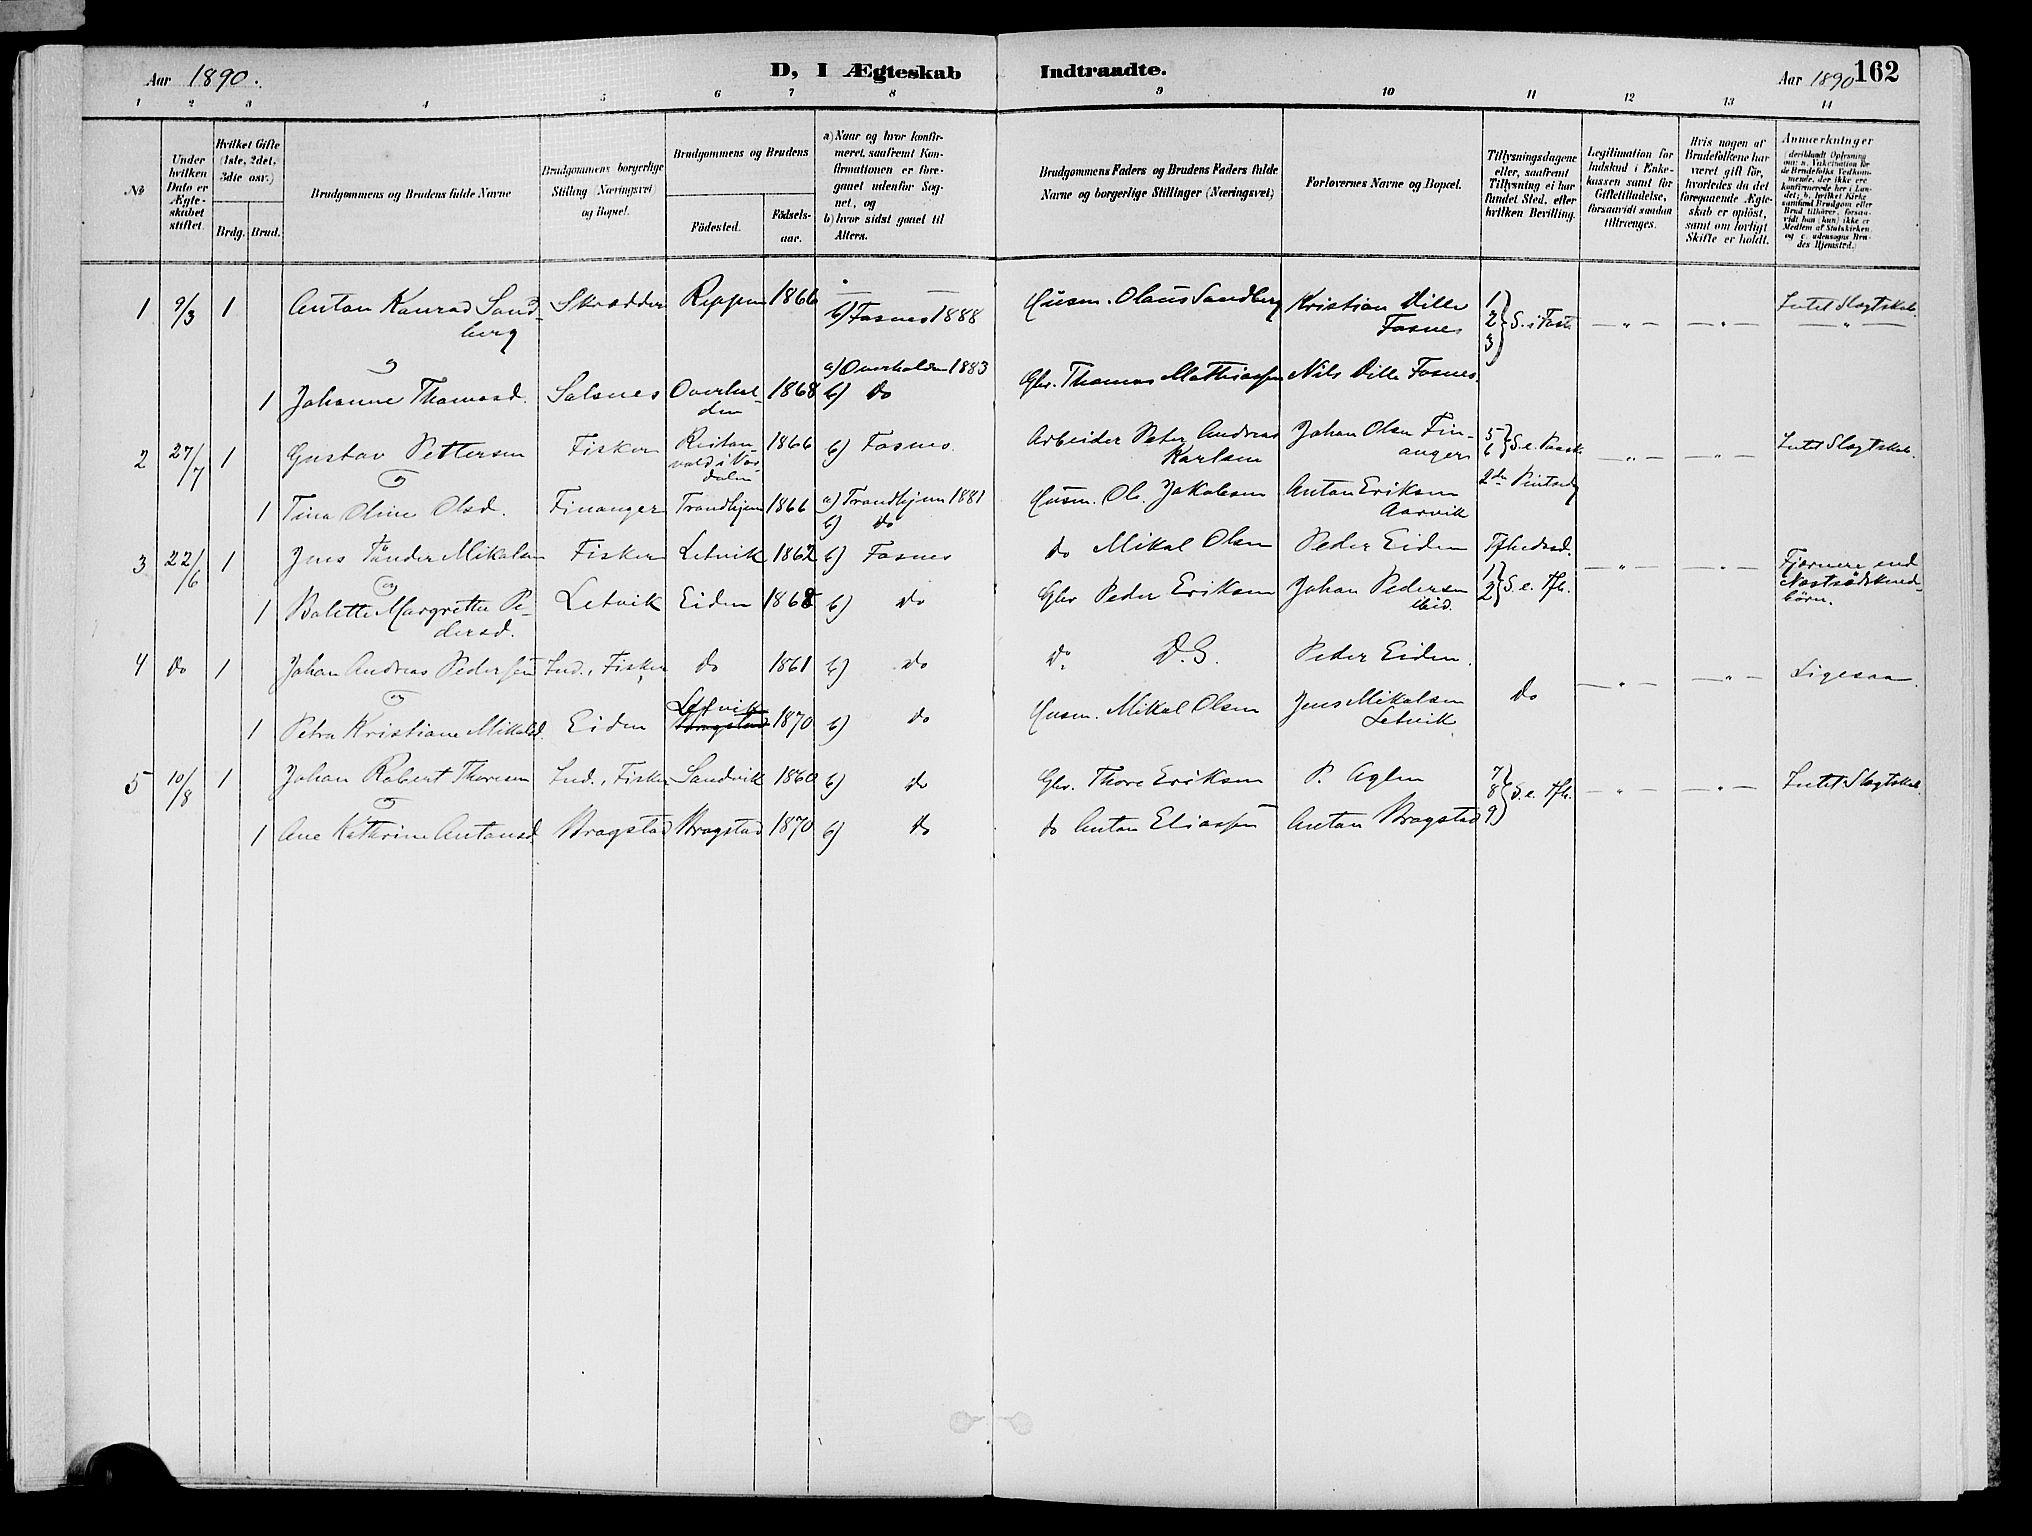 SAT, Ministerialprotokoller, klokkerbøker og fødselsregistre - Nord-Trøndelag, 773/L0617: Ministerialbok nr. 773A08, 1887-1910, s. 162